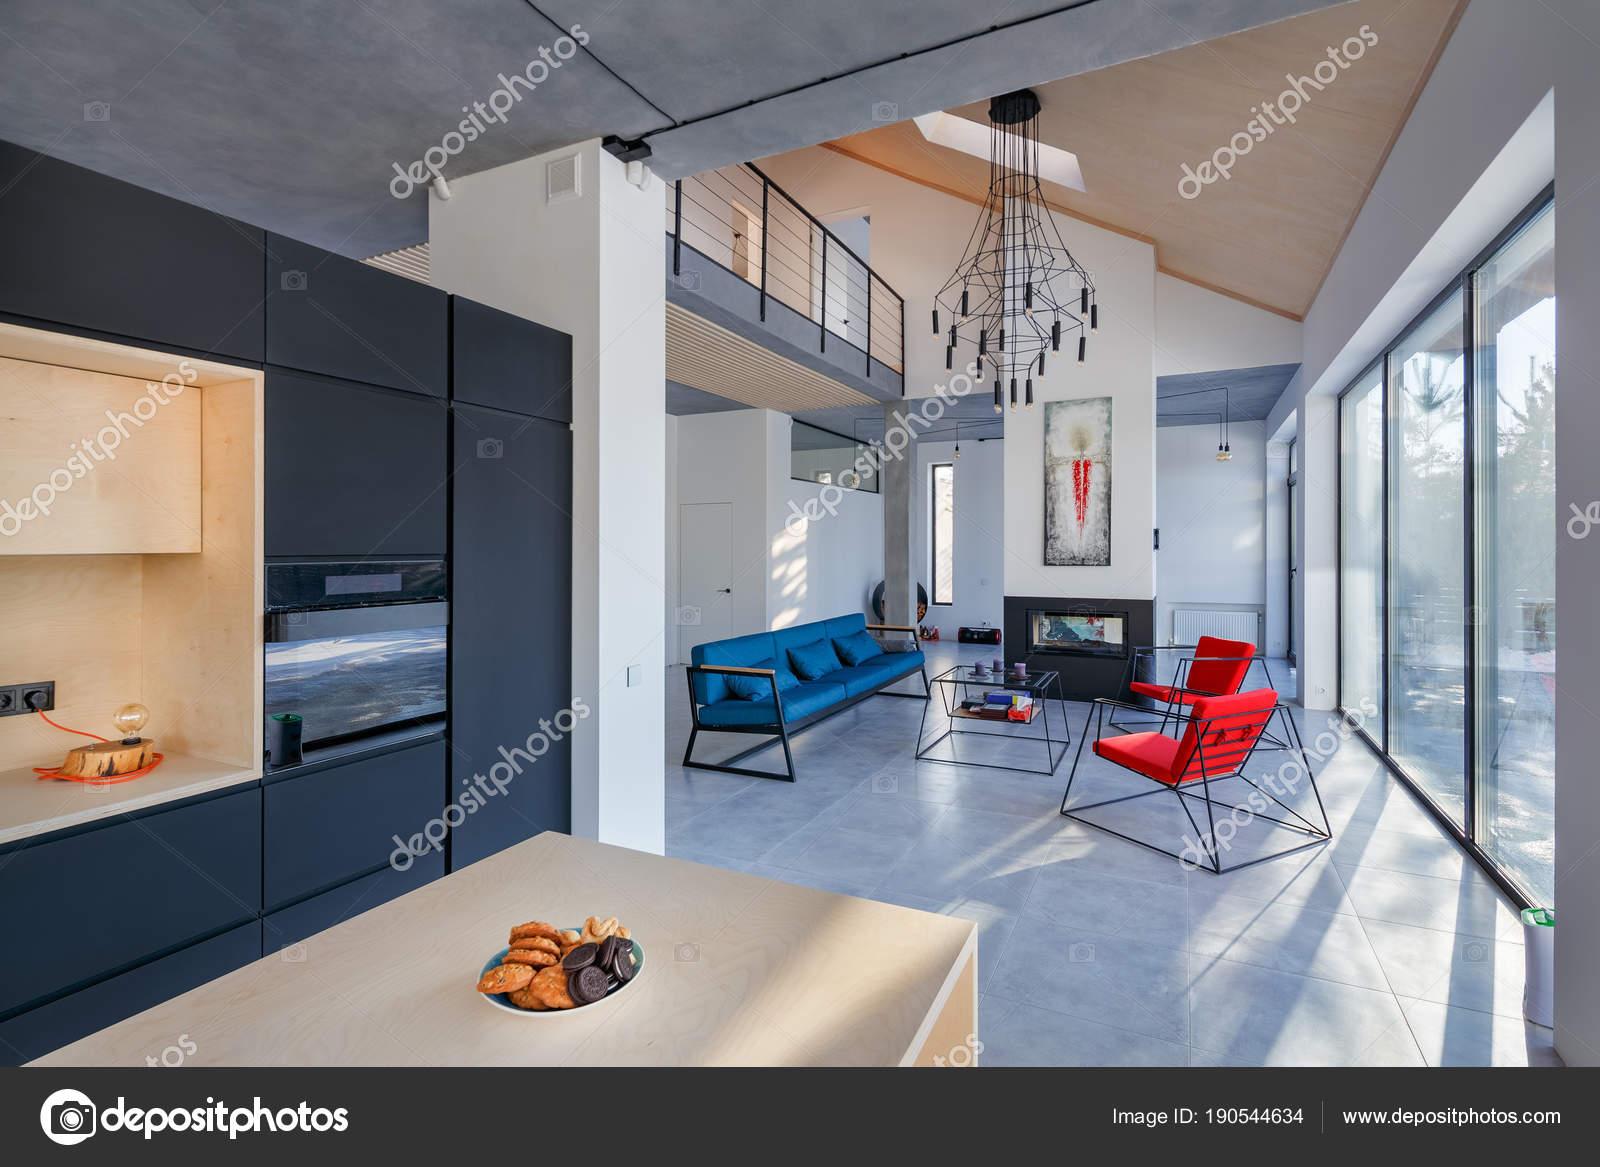 Interieur Aus Wohnzimmer Mit Küche; Kamin Und Schöne U2014 Stockfoto